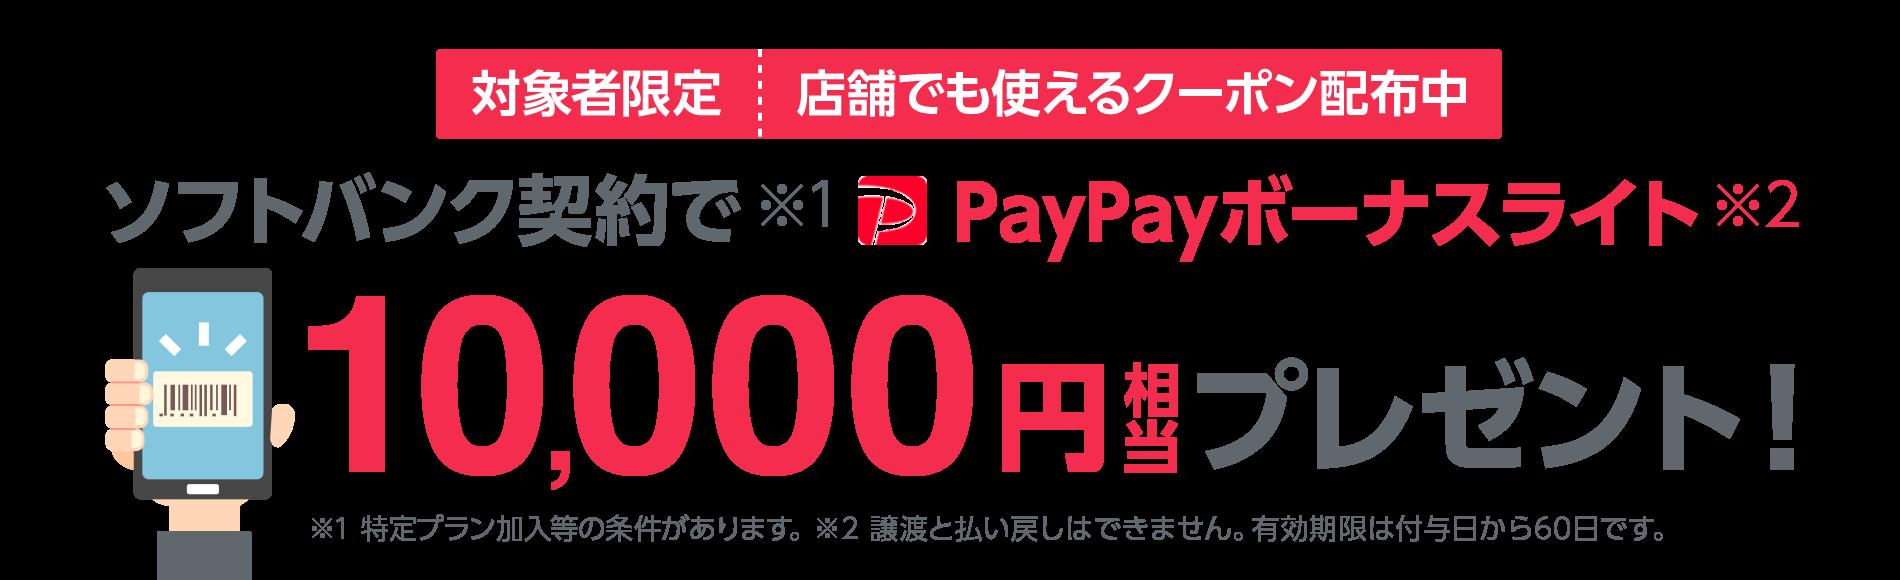 ソフトバンク契約でPayPayボーナスライト10,000円相当プレゼント」クーポン